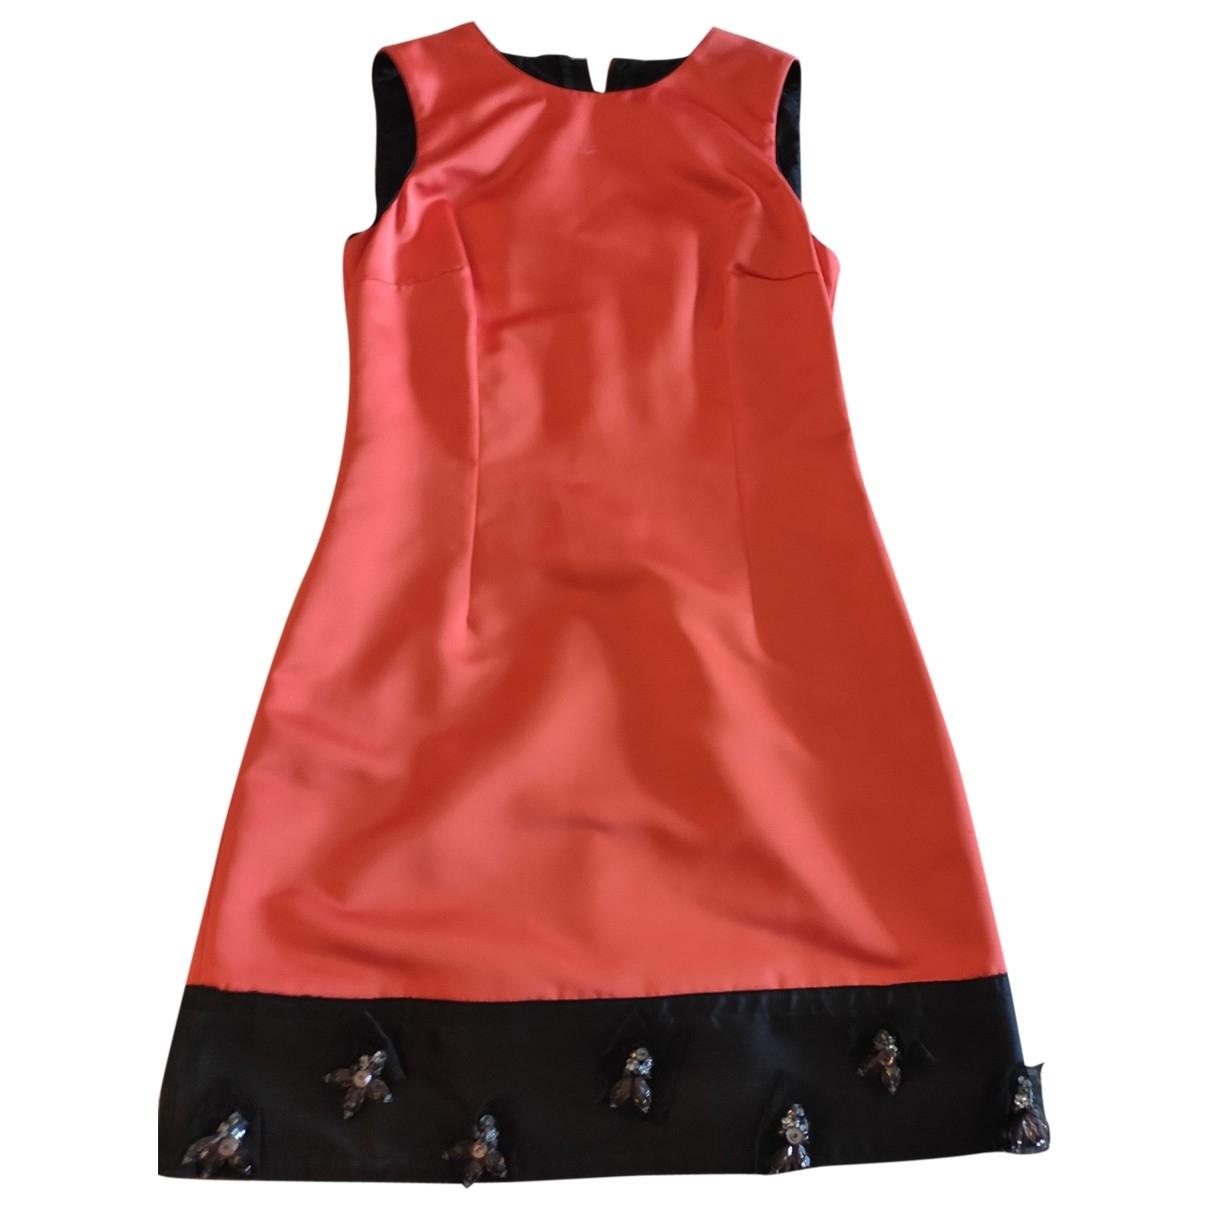 D&g - Robe   pour femme - orange